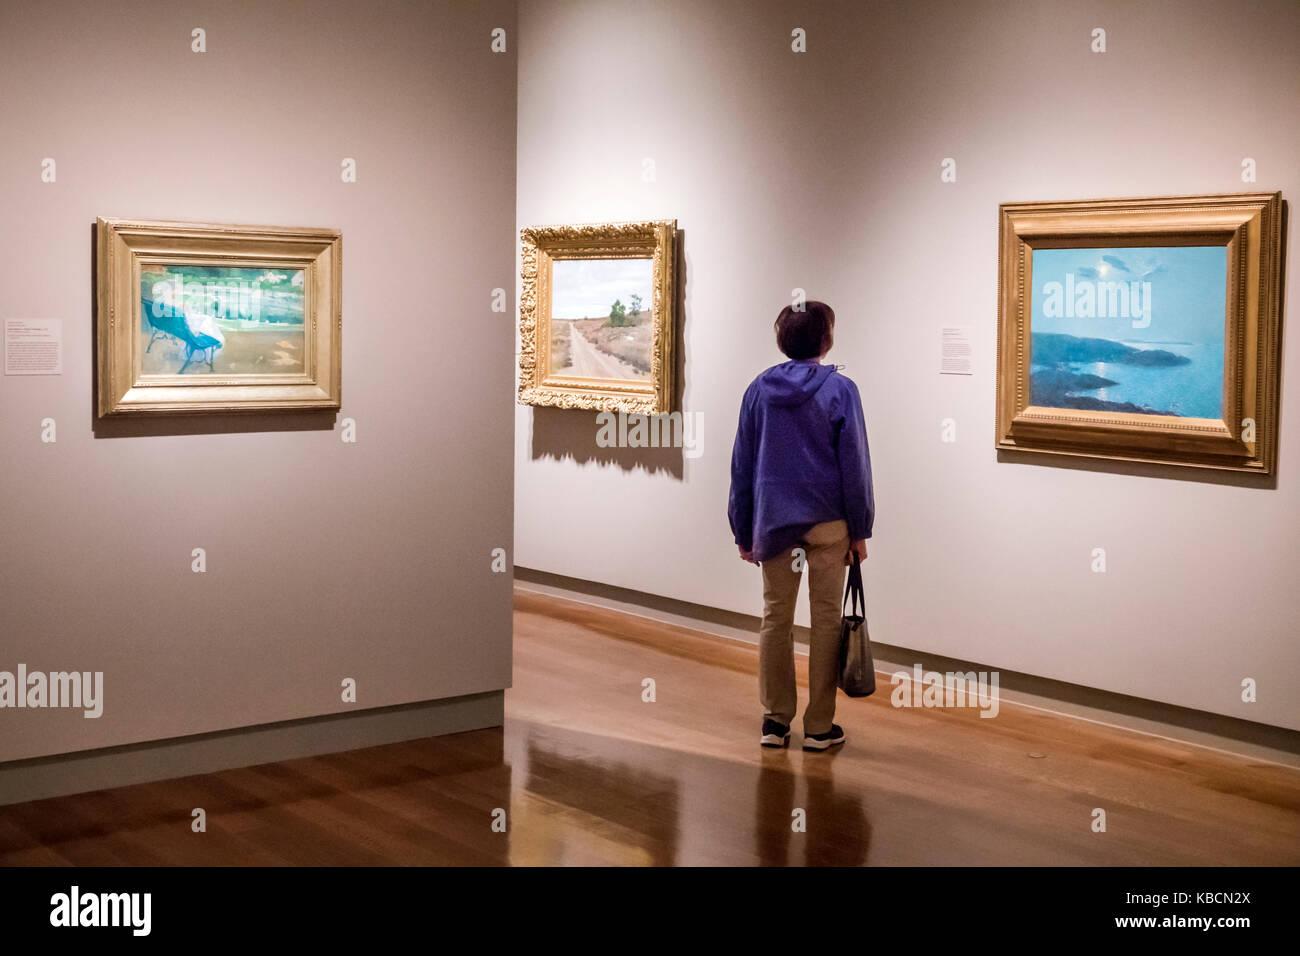 Richmond Virginia Virginia il Museo delle Belle Arti VMFA McGlothlin Collezione di Arte Americana Impressionismo Immagini Stock